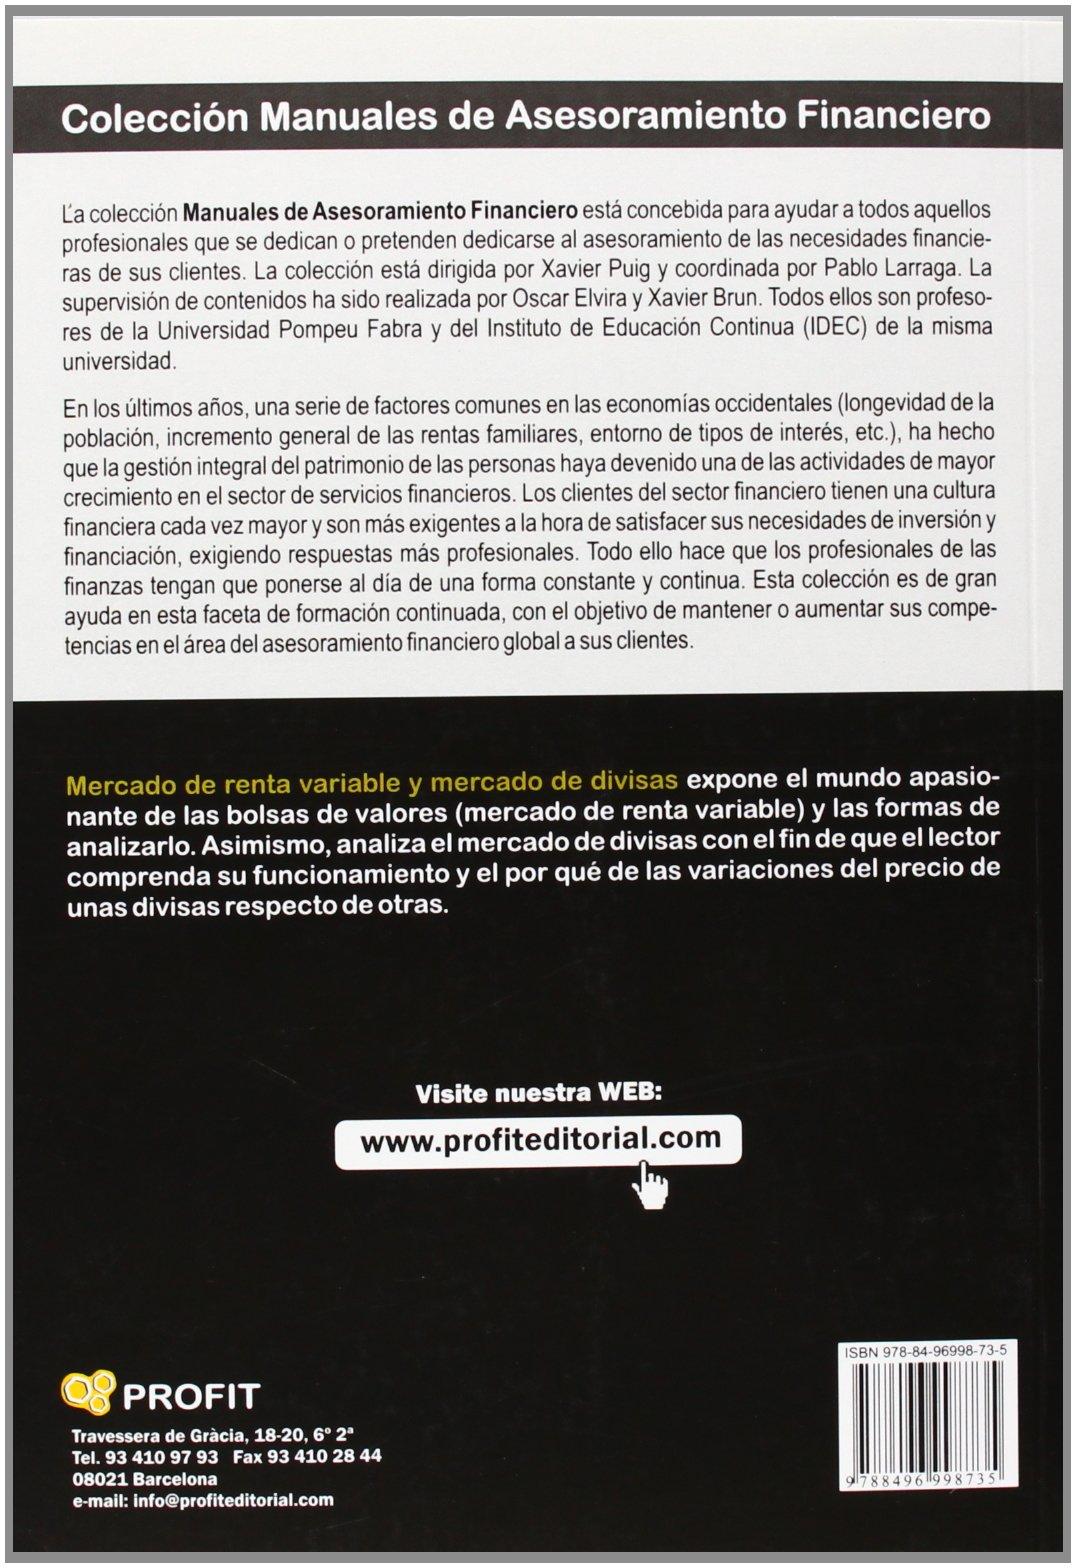 Mercado De Renta Variable Y Mercado De Divisas: Amazon.es: Xavier Brun Lozano, Oscar Elvira Benito, Xavier Puig Pla: Libros